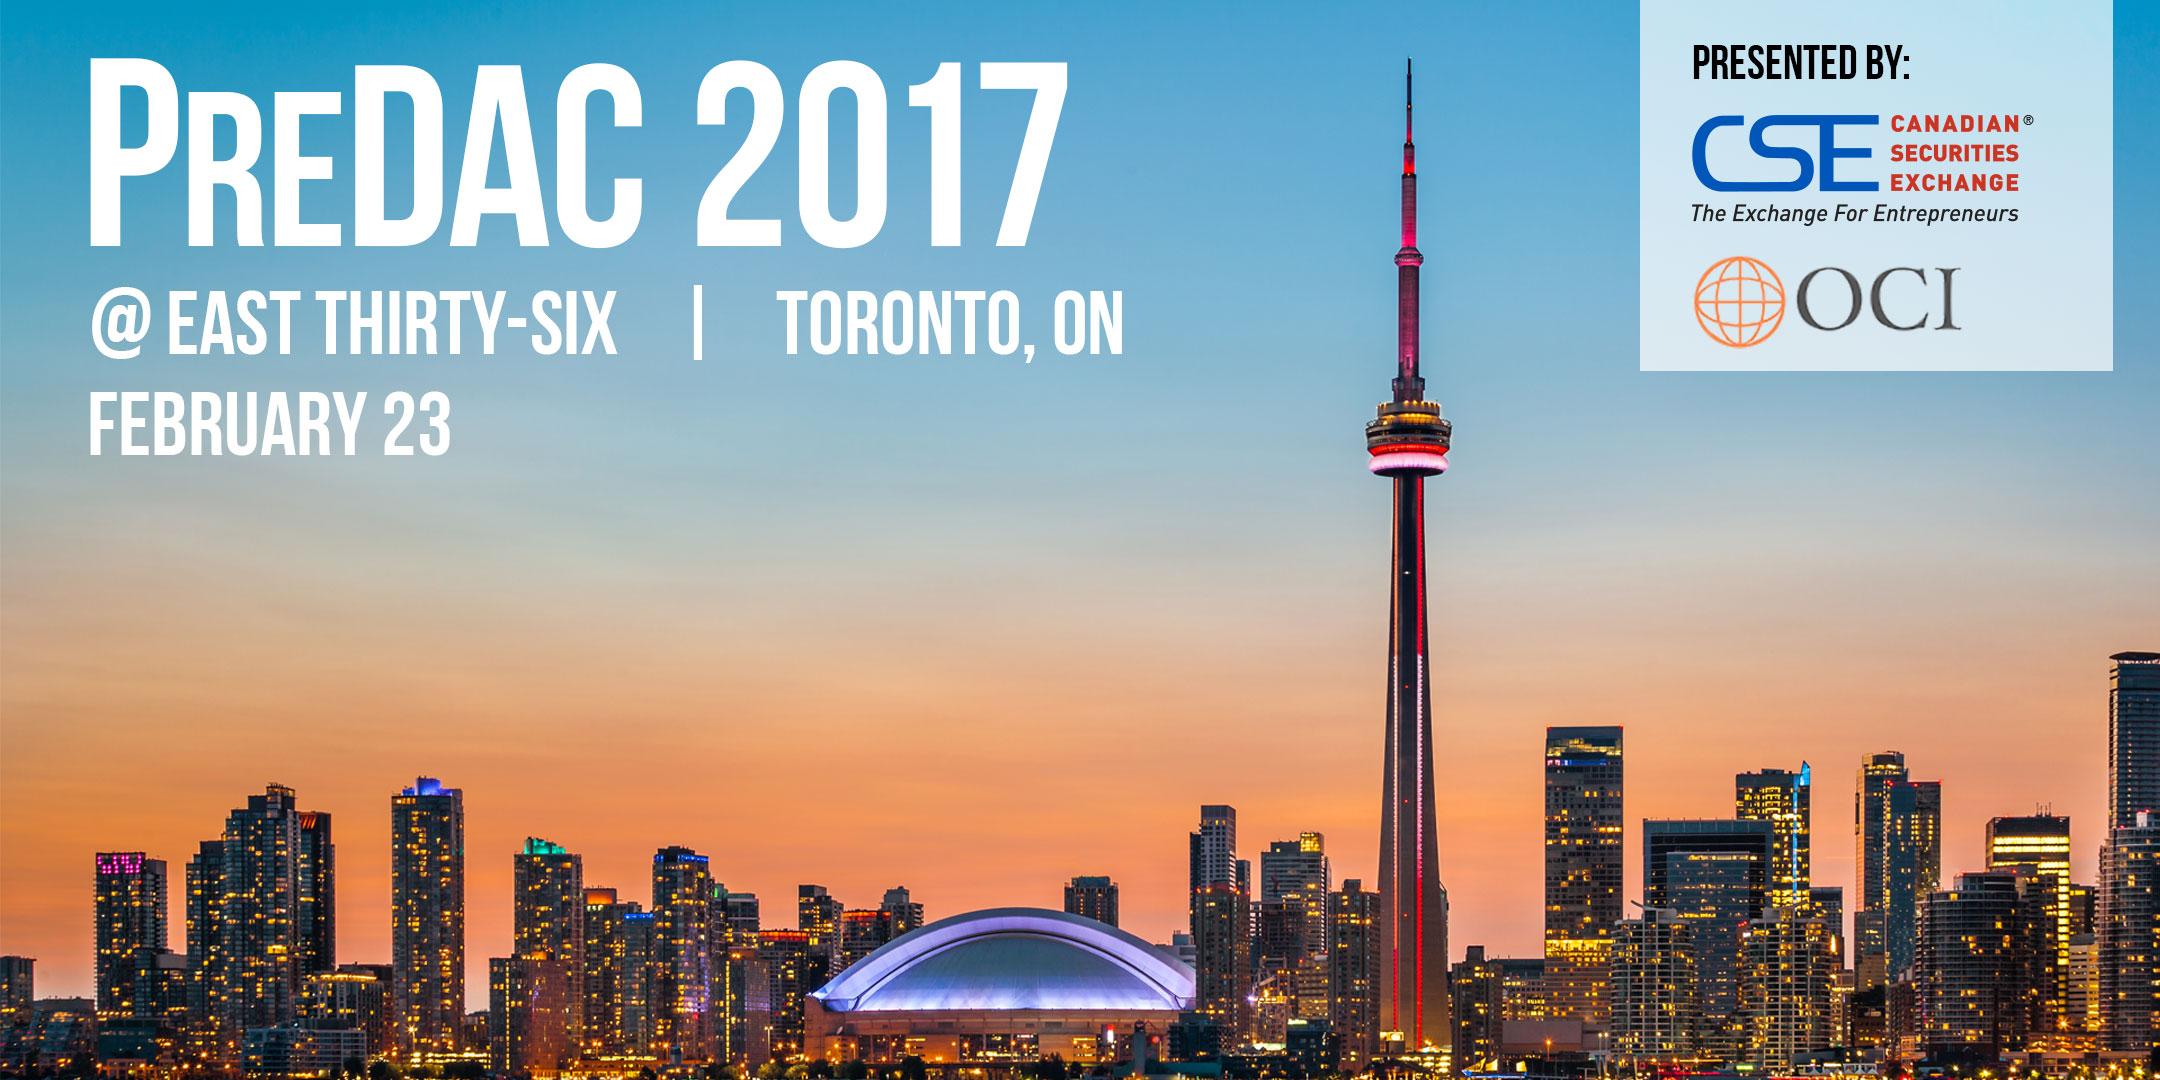 PreDAC 2017 Toronto